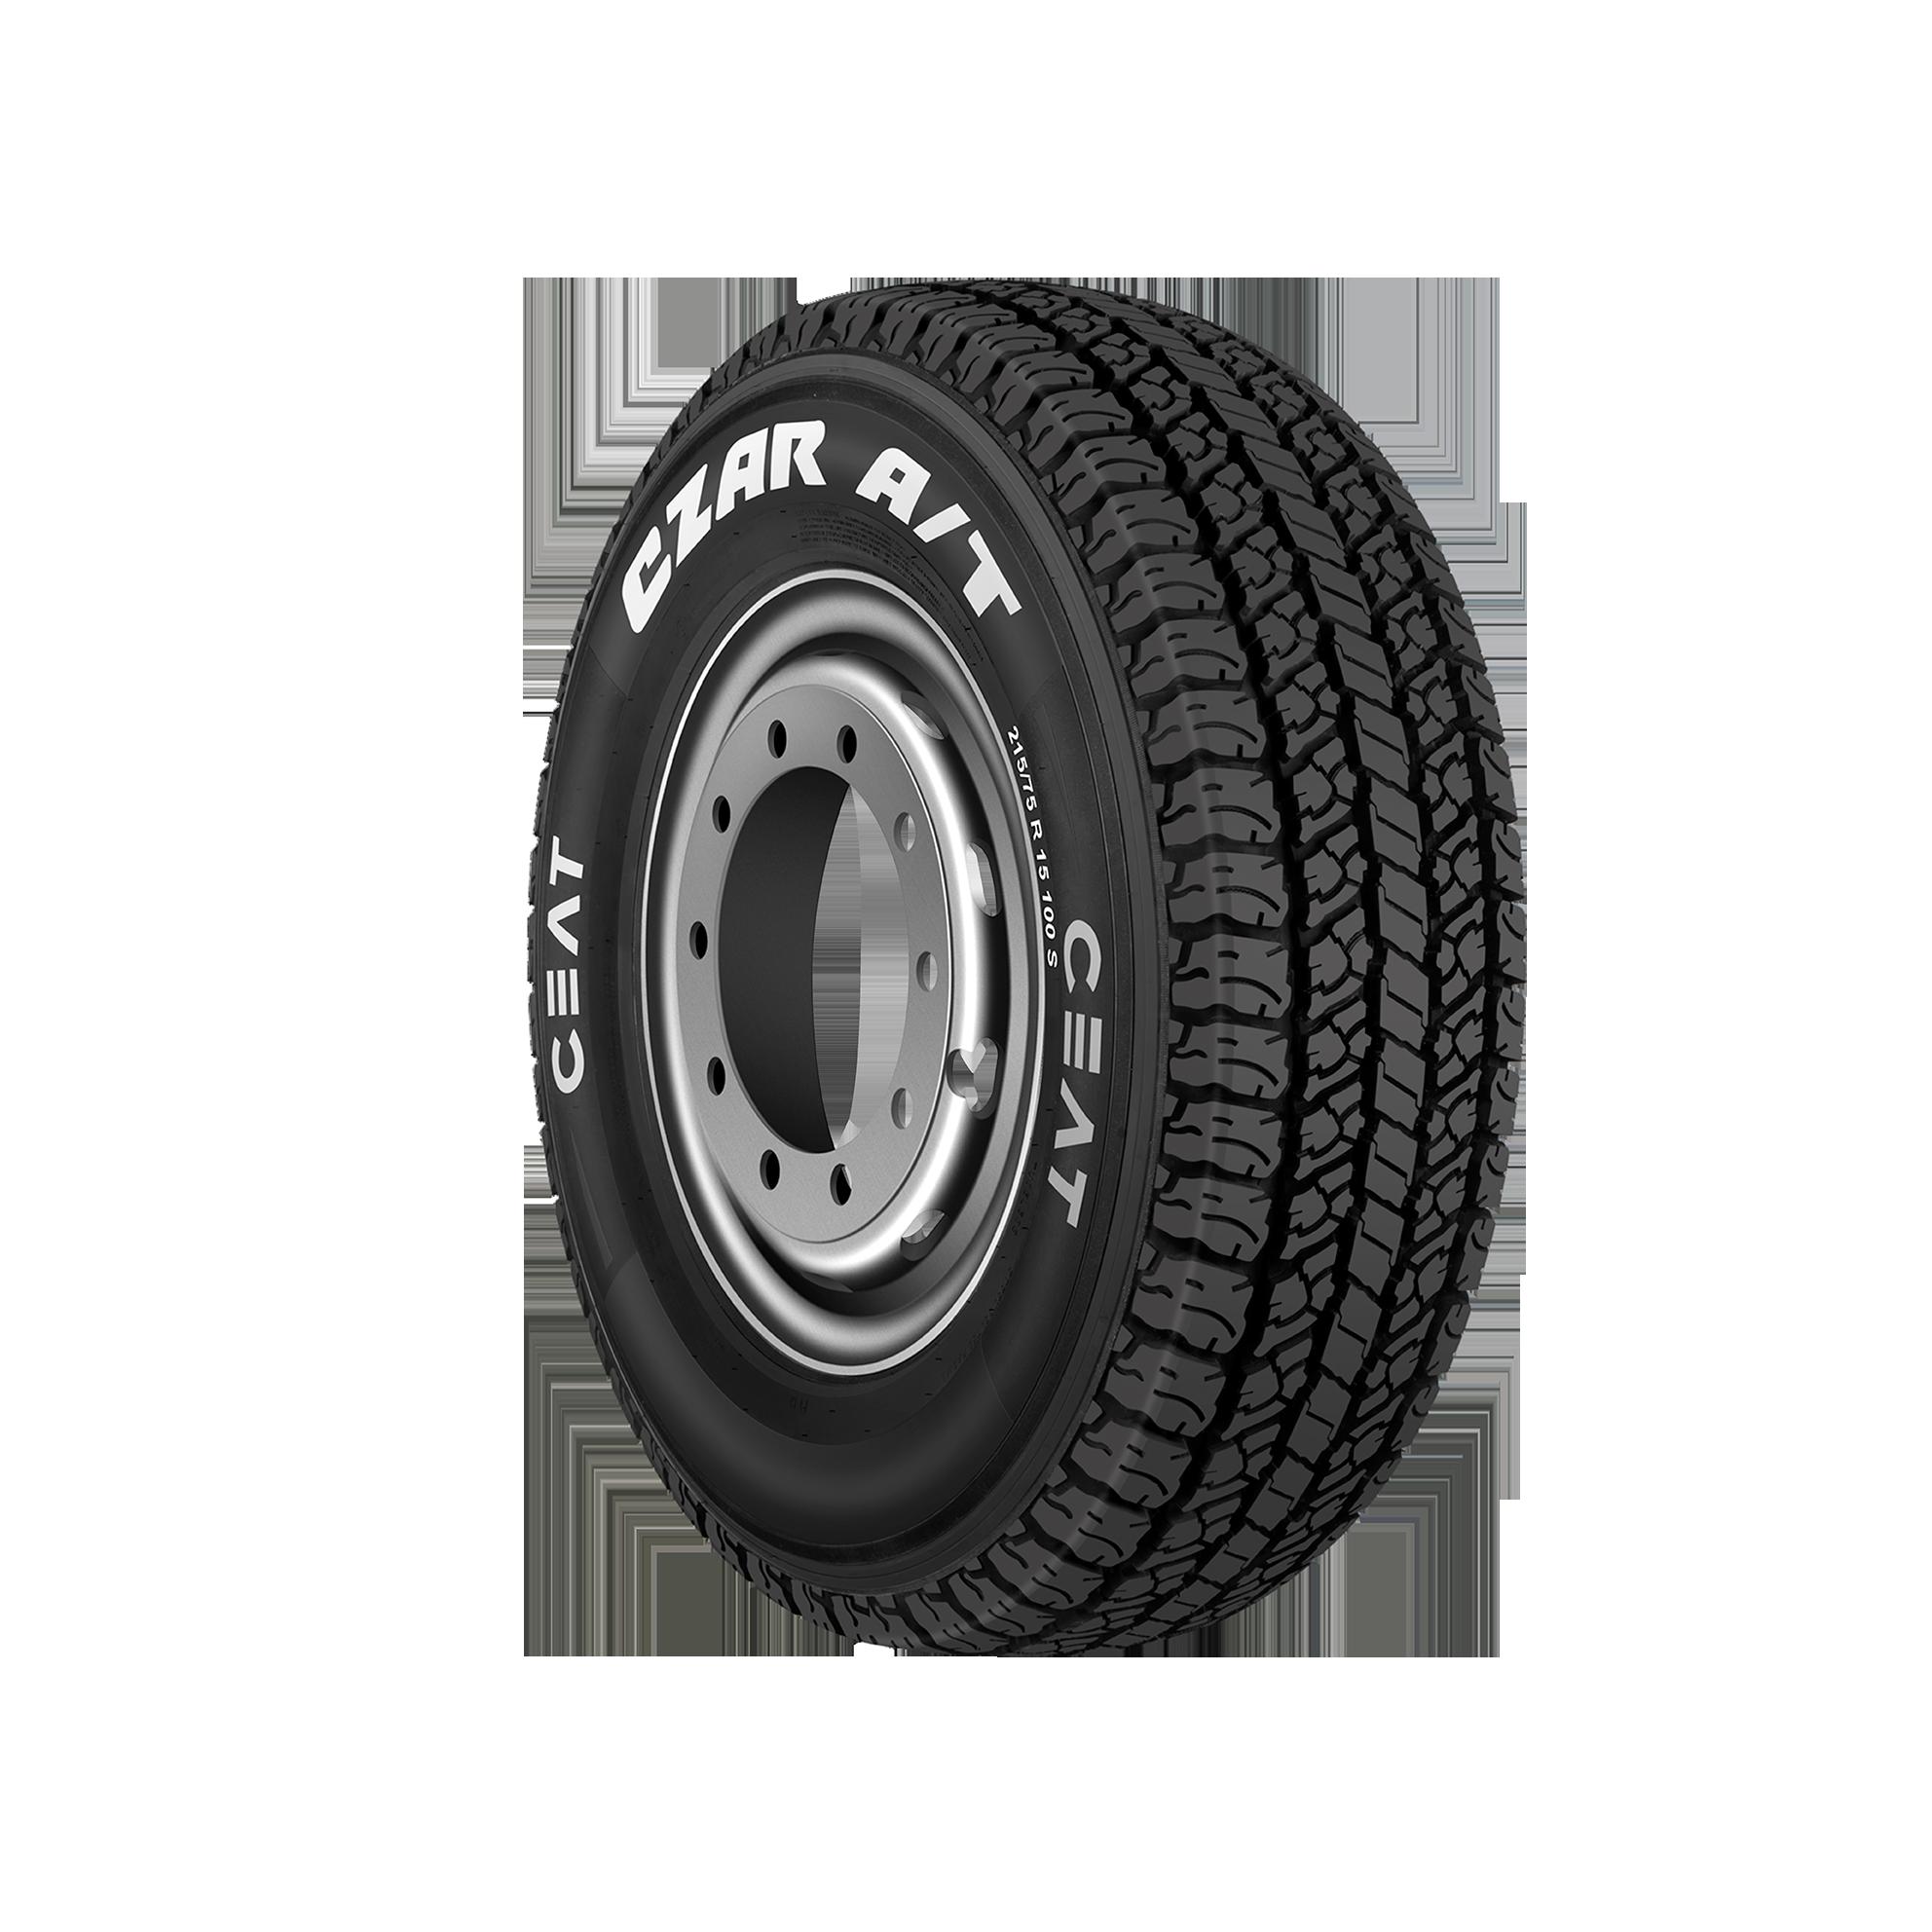 Ceat Czar A/T 205/65 R 15 Tubeless 94 S Car Tyre